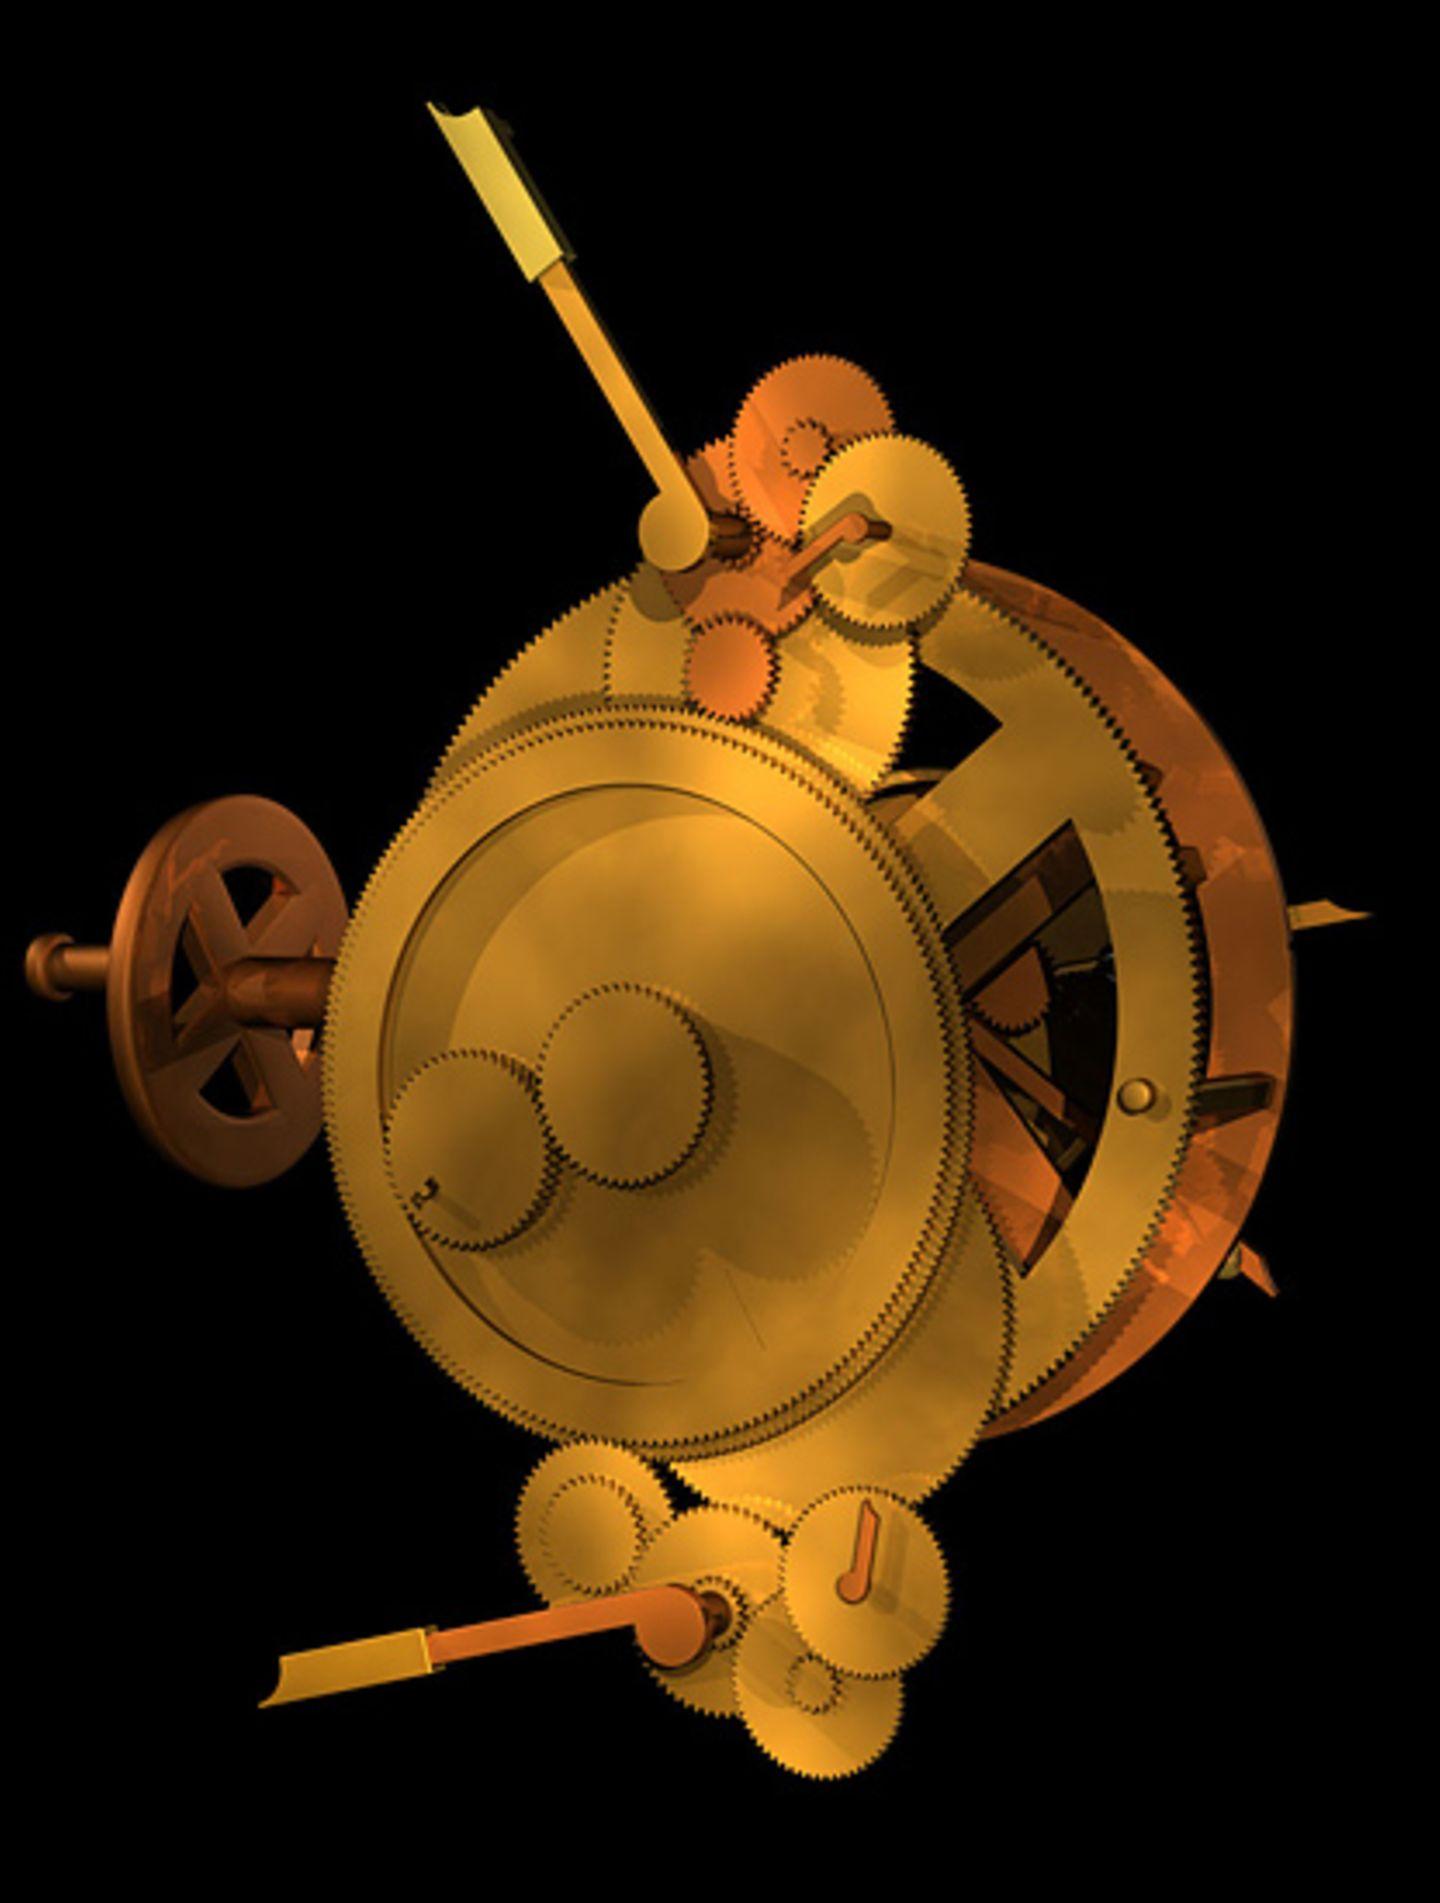 Der Mechanismus von Antikythera